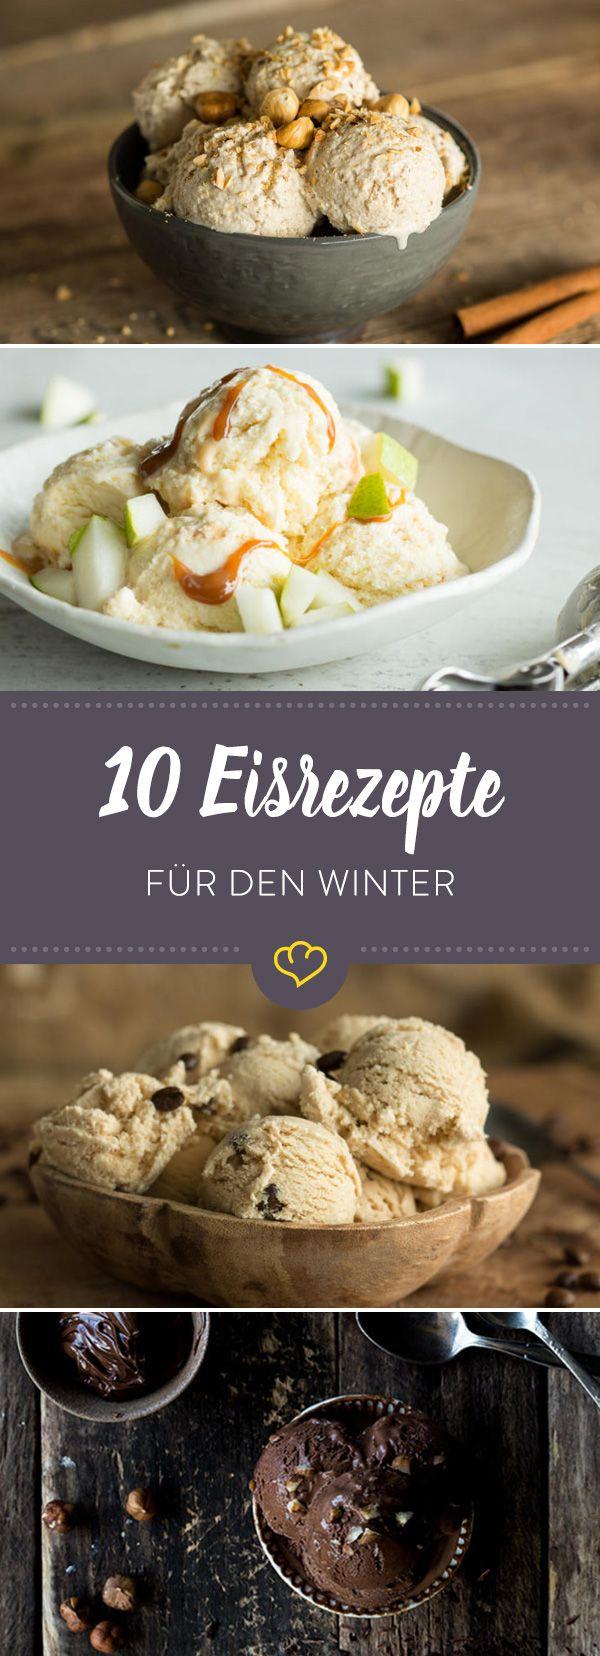 Photo of Recetas de helados de invierno: 24 golosinas maravillosamente cremosas